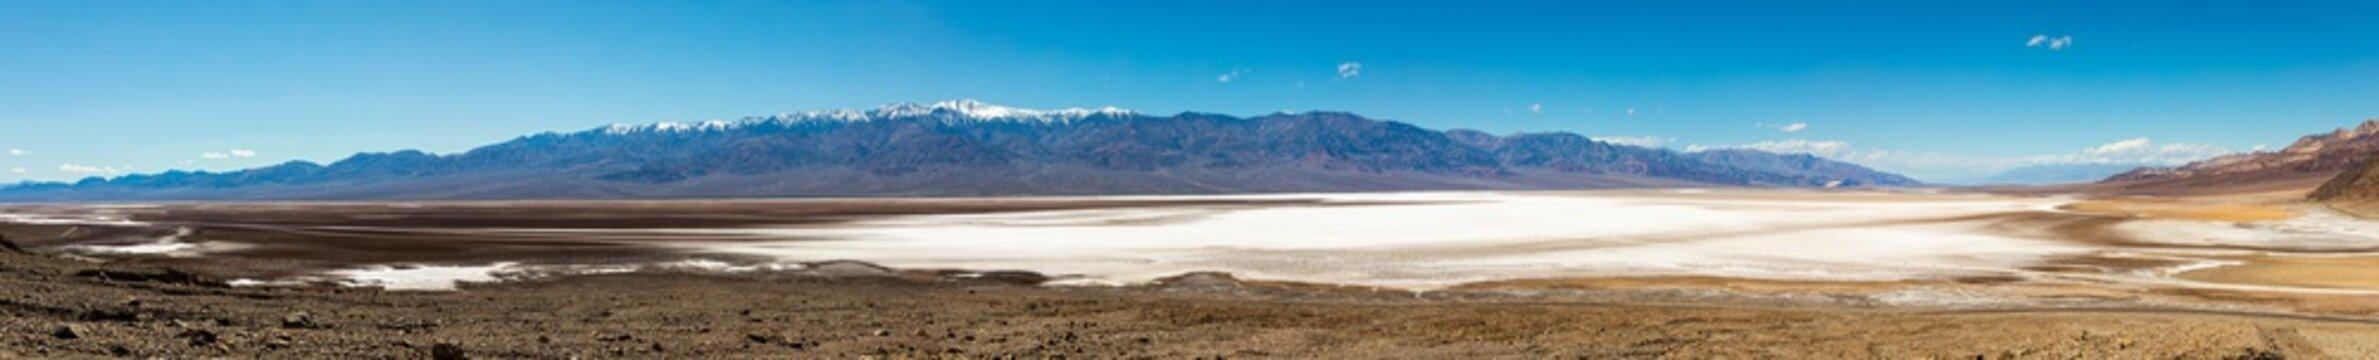 Salt-Desert at Death Valley Bad Water Basin